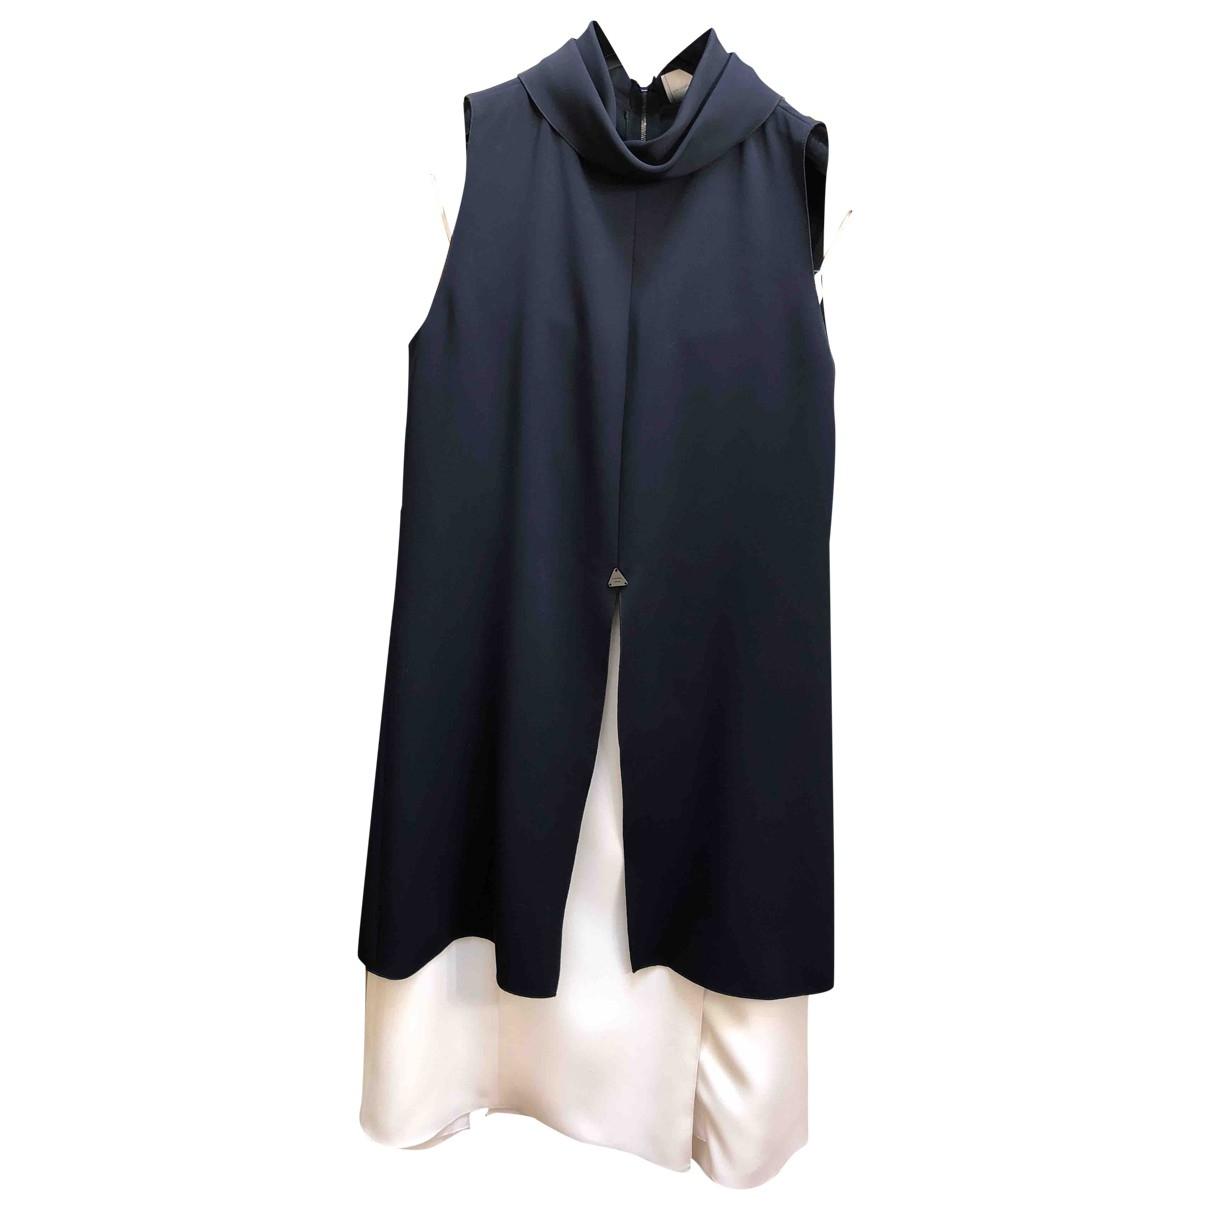 Chanel \N Kleid in  Blau Polyester